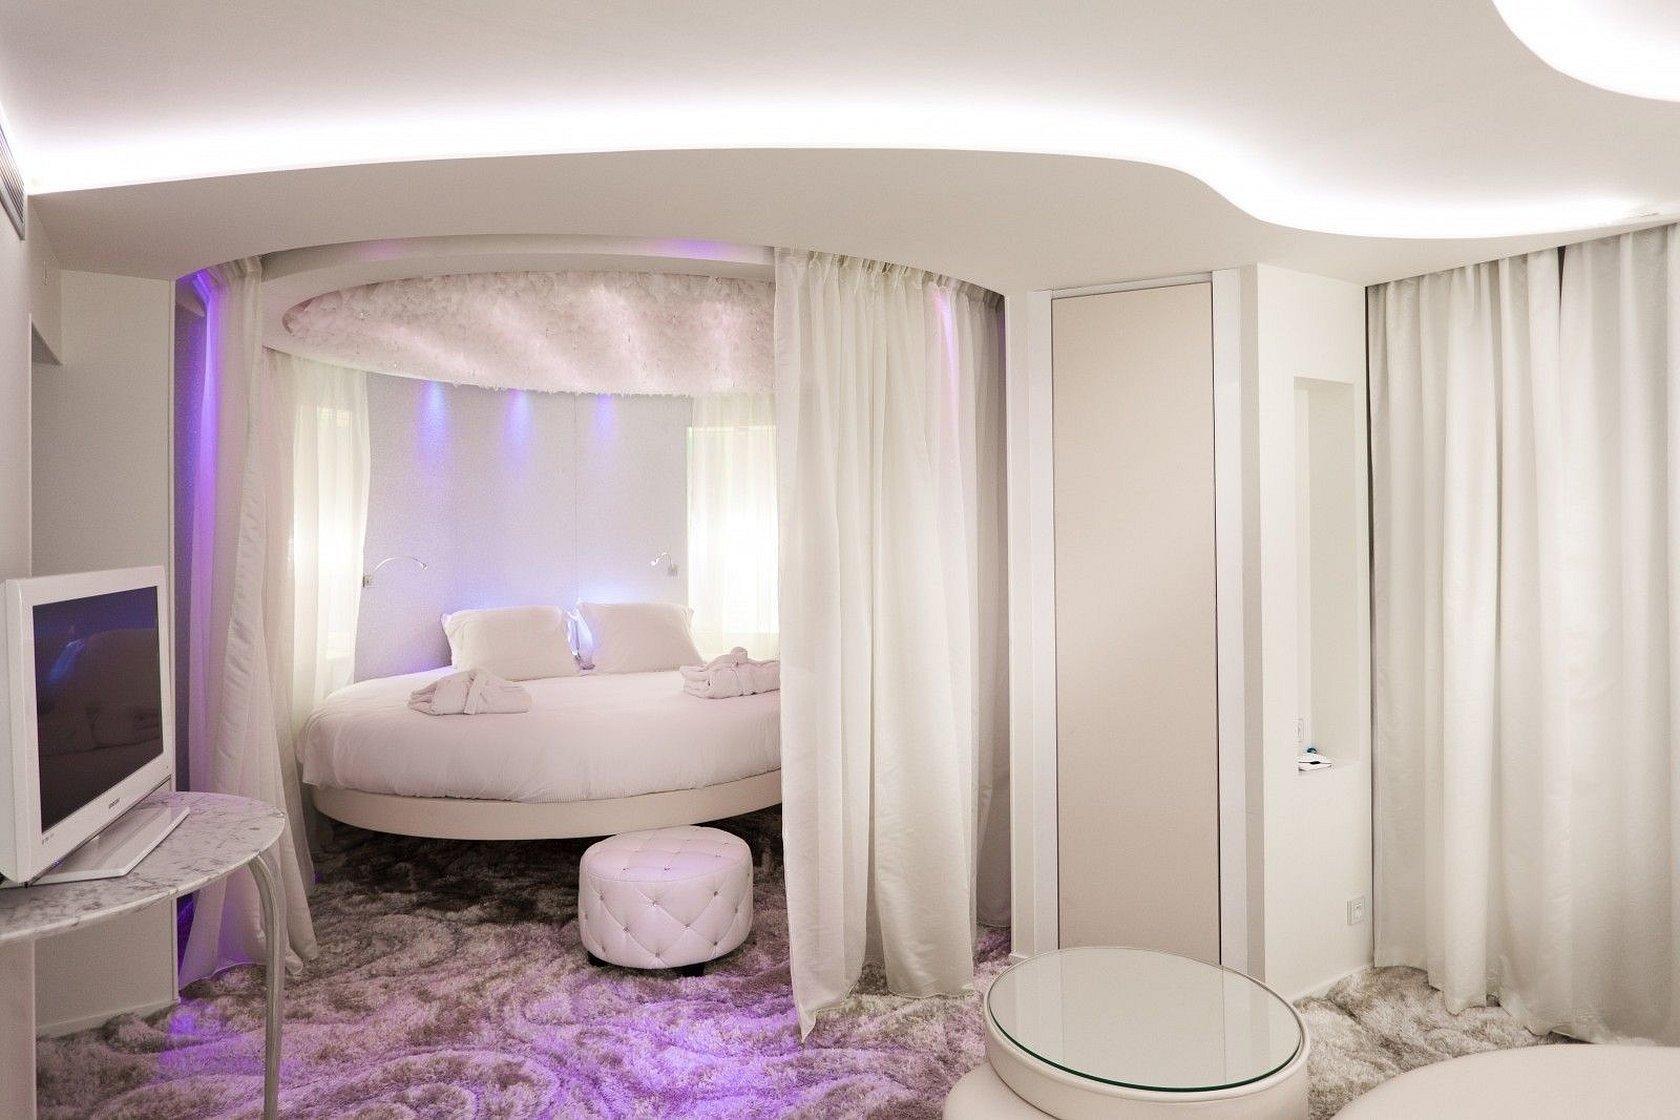 Прямоугольные спальни с круглой кроватью